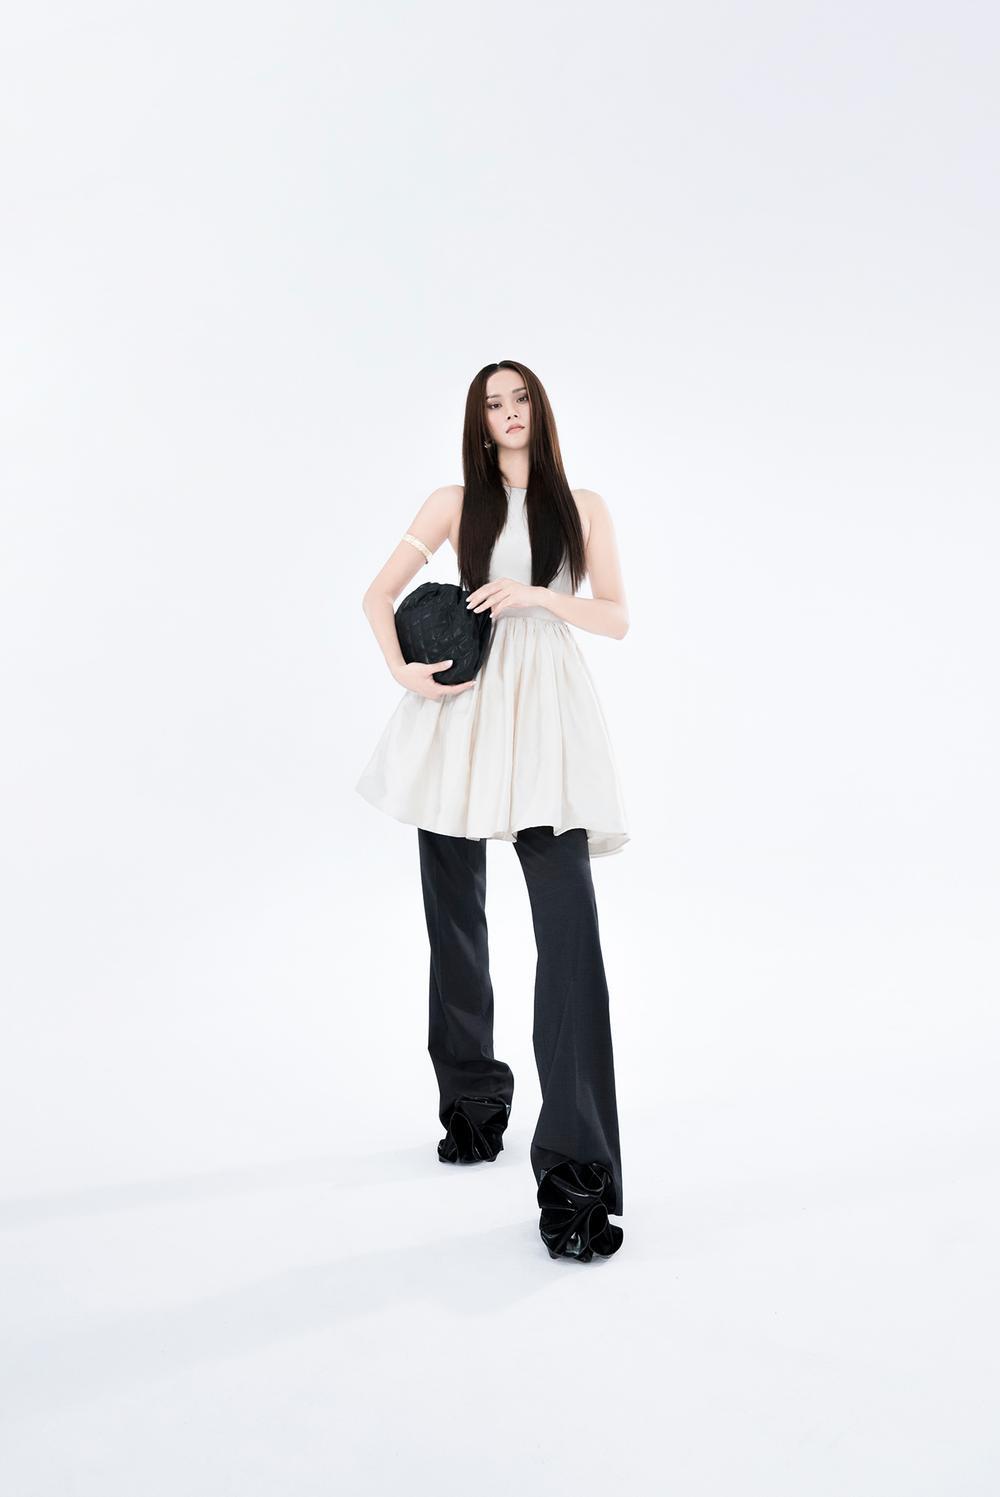 NTK Trần Hùng ra mắt BST tại London Fashion Week, chỉ dùng một người mẫu duy nhất Ảnh 18